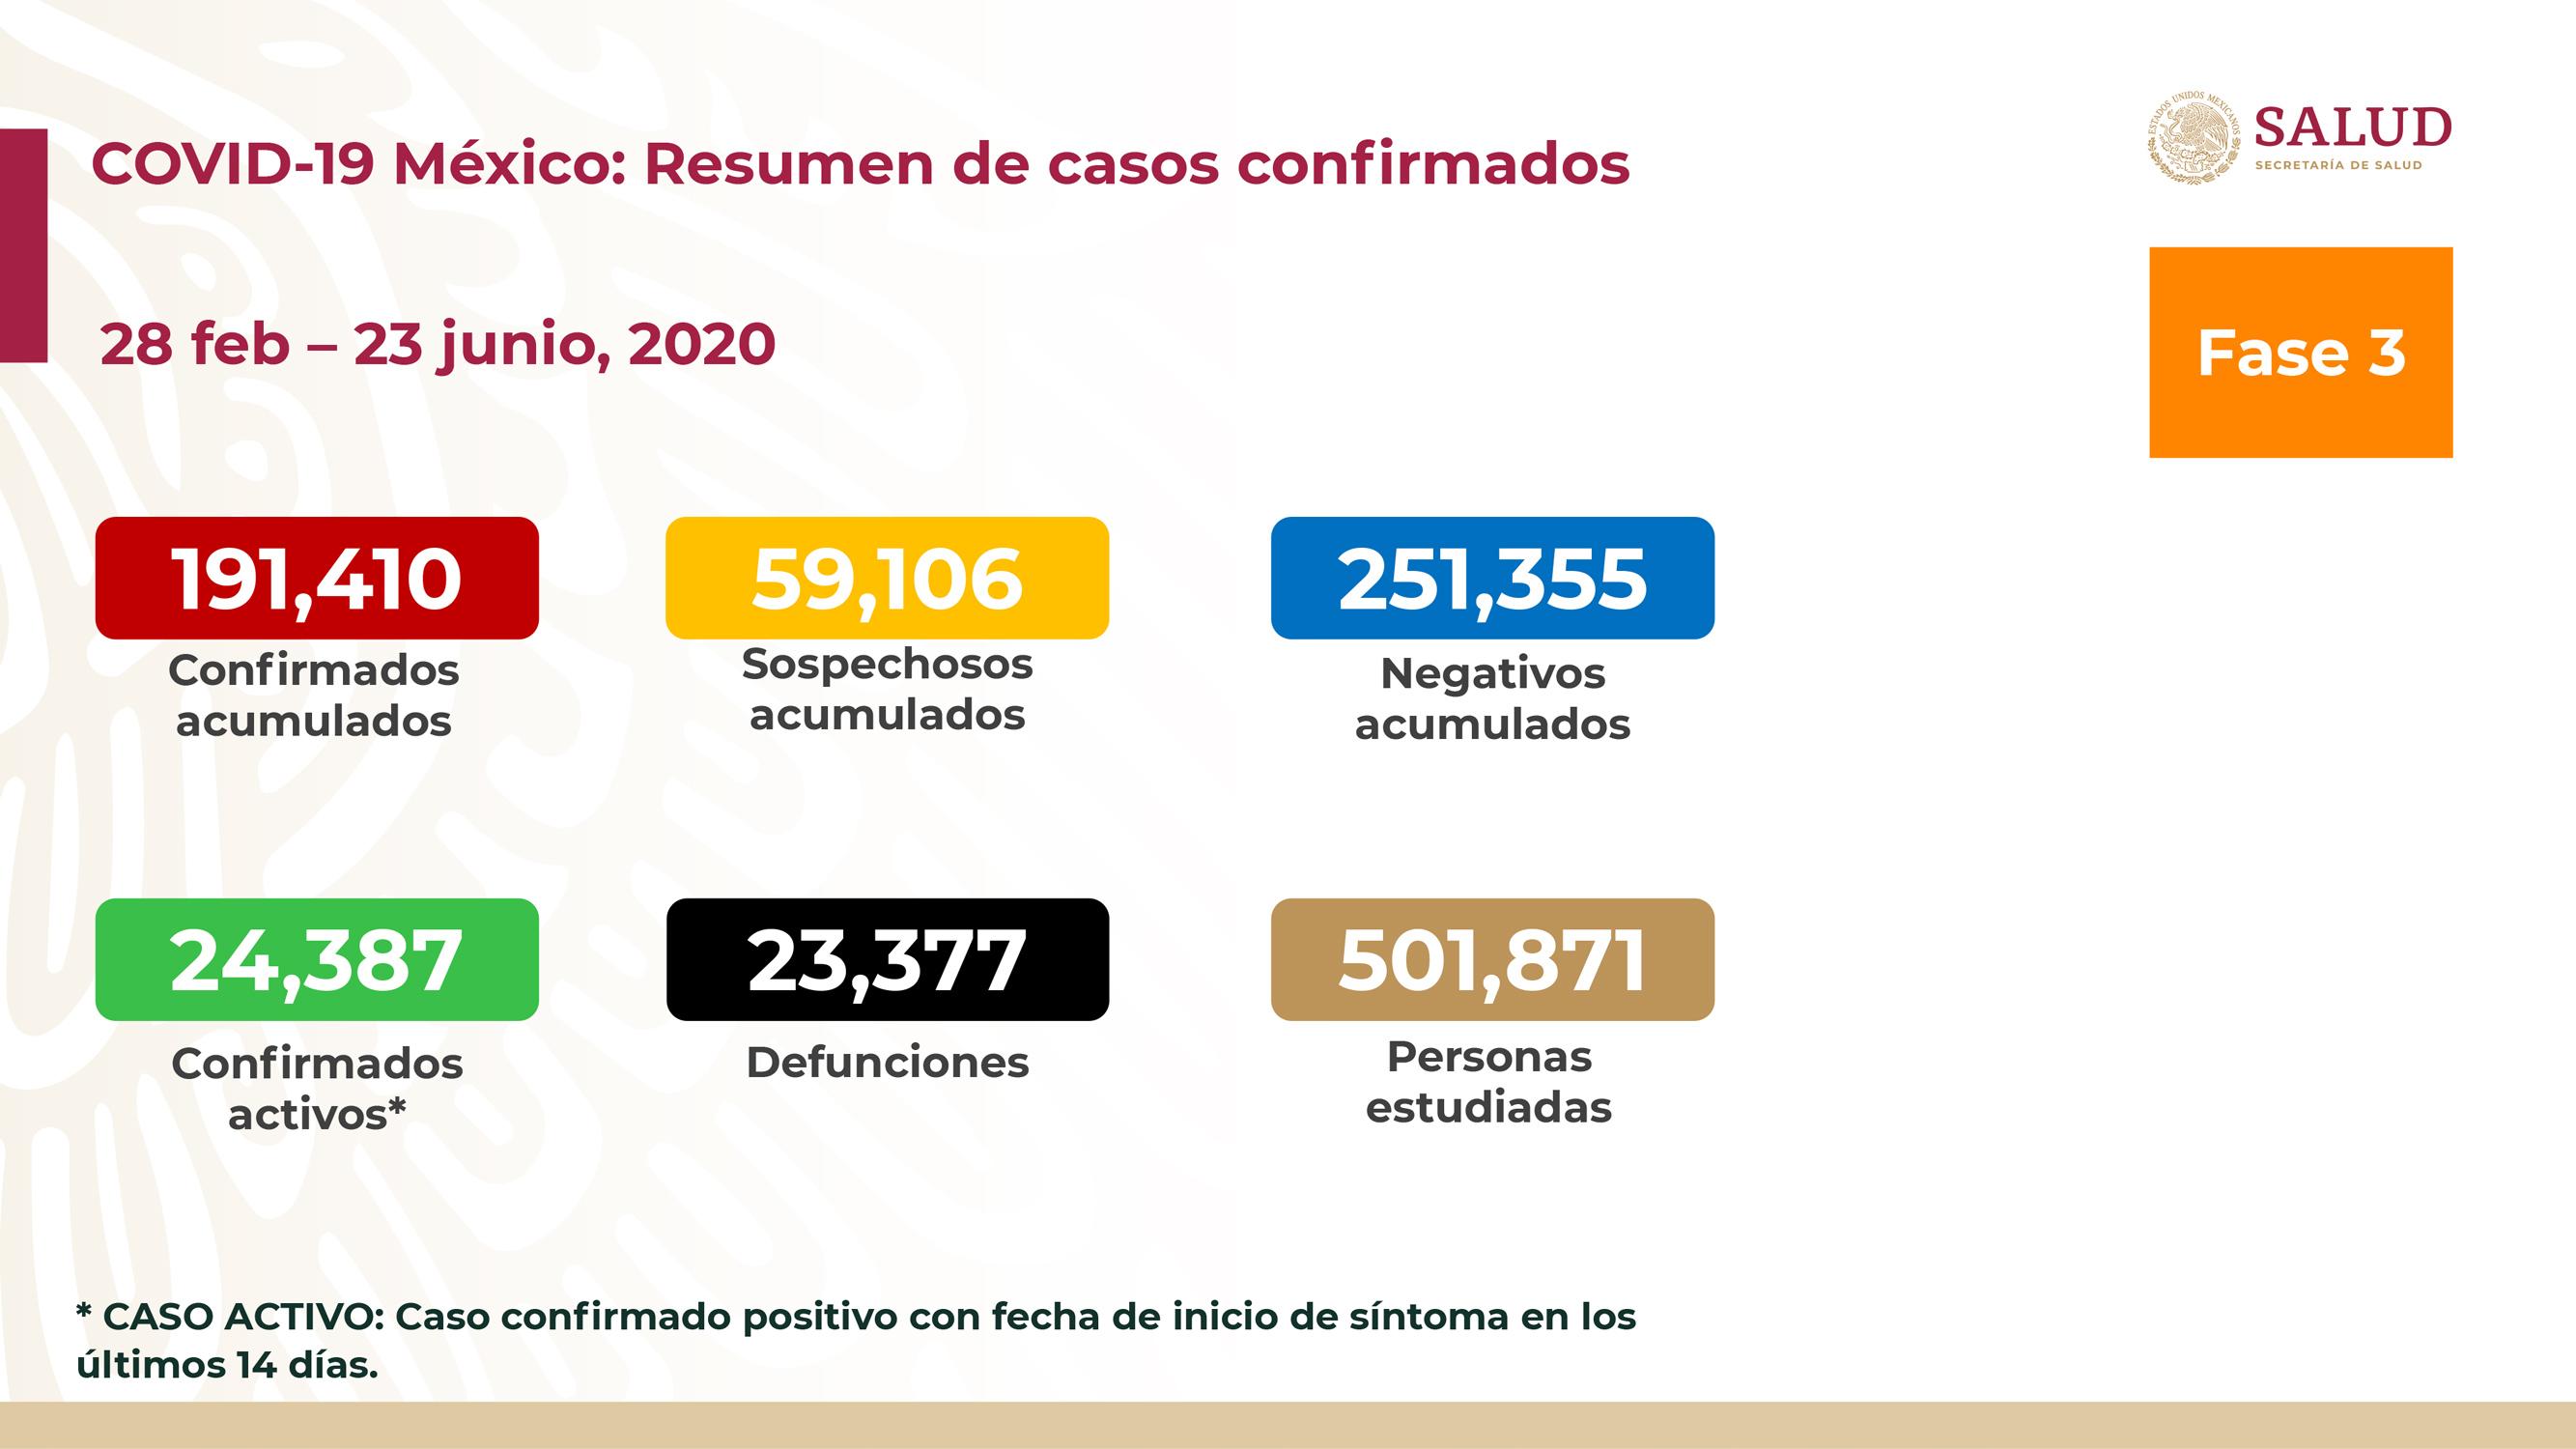 MÉXICO SUMA MÁS DE 23 MIL DEFUNCIONES POR COVID-19